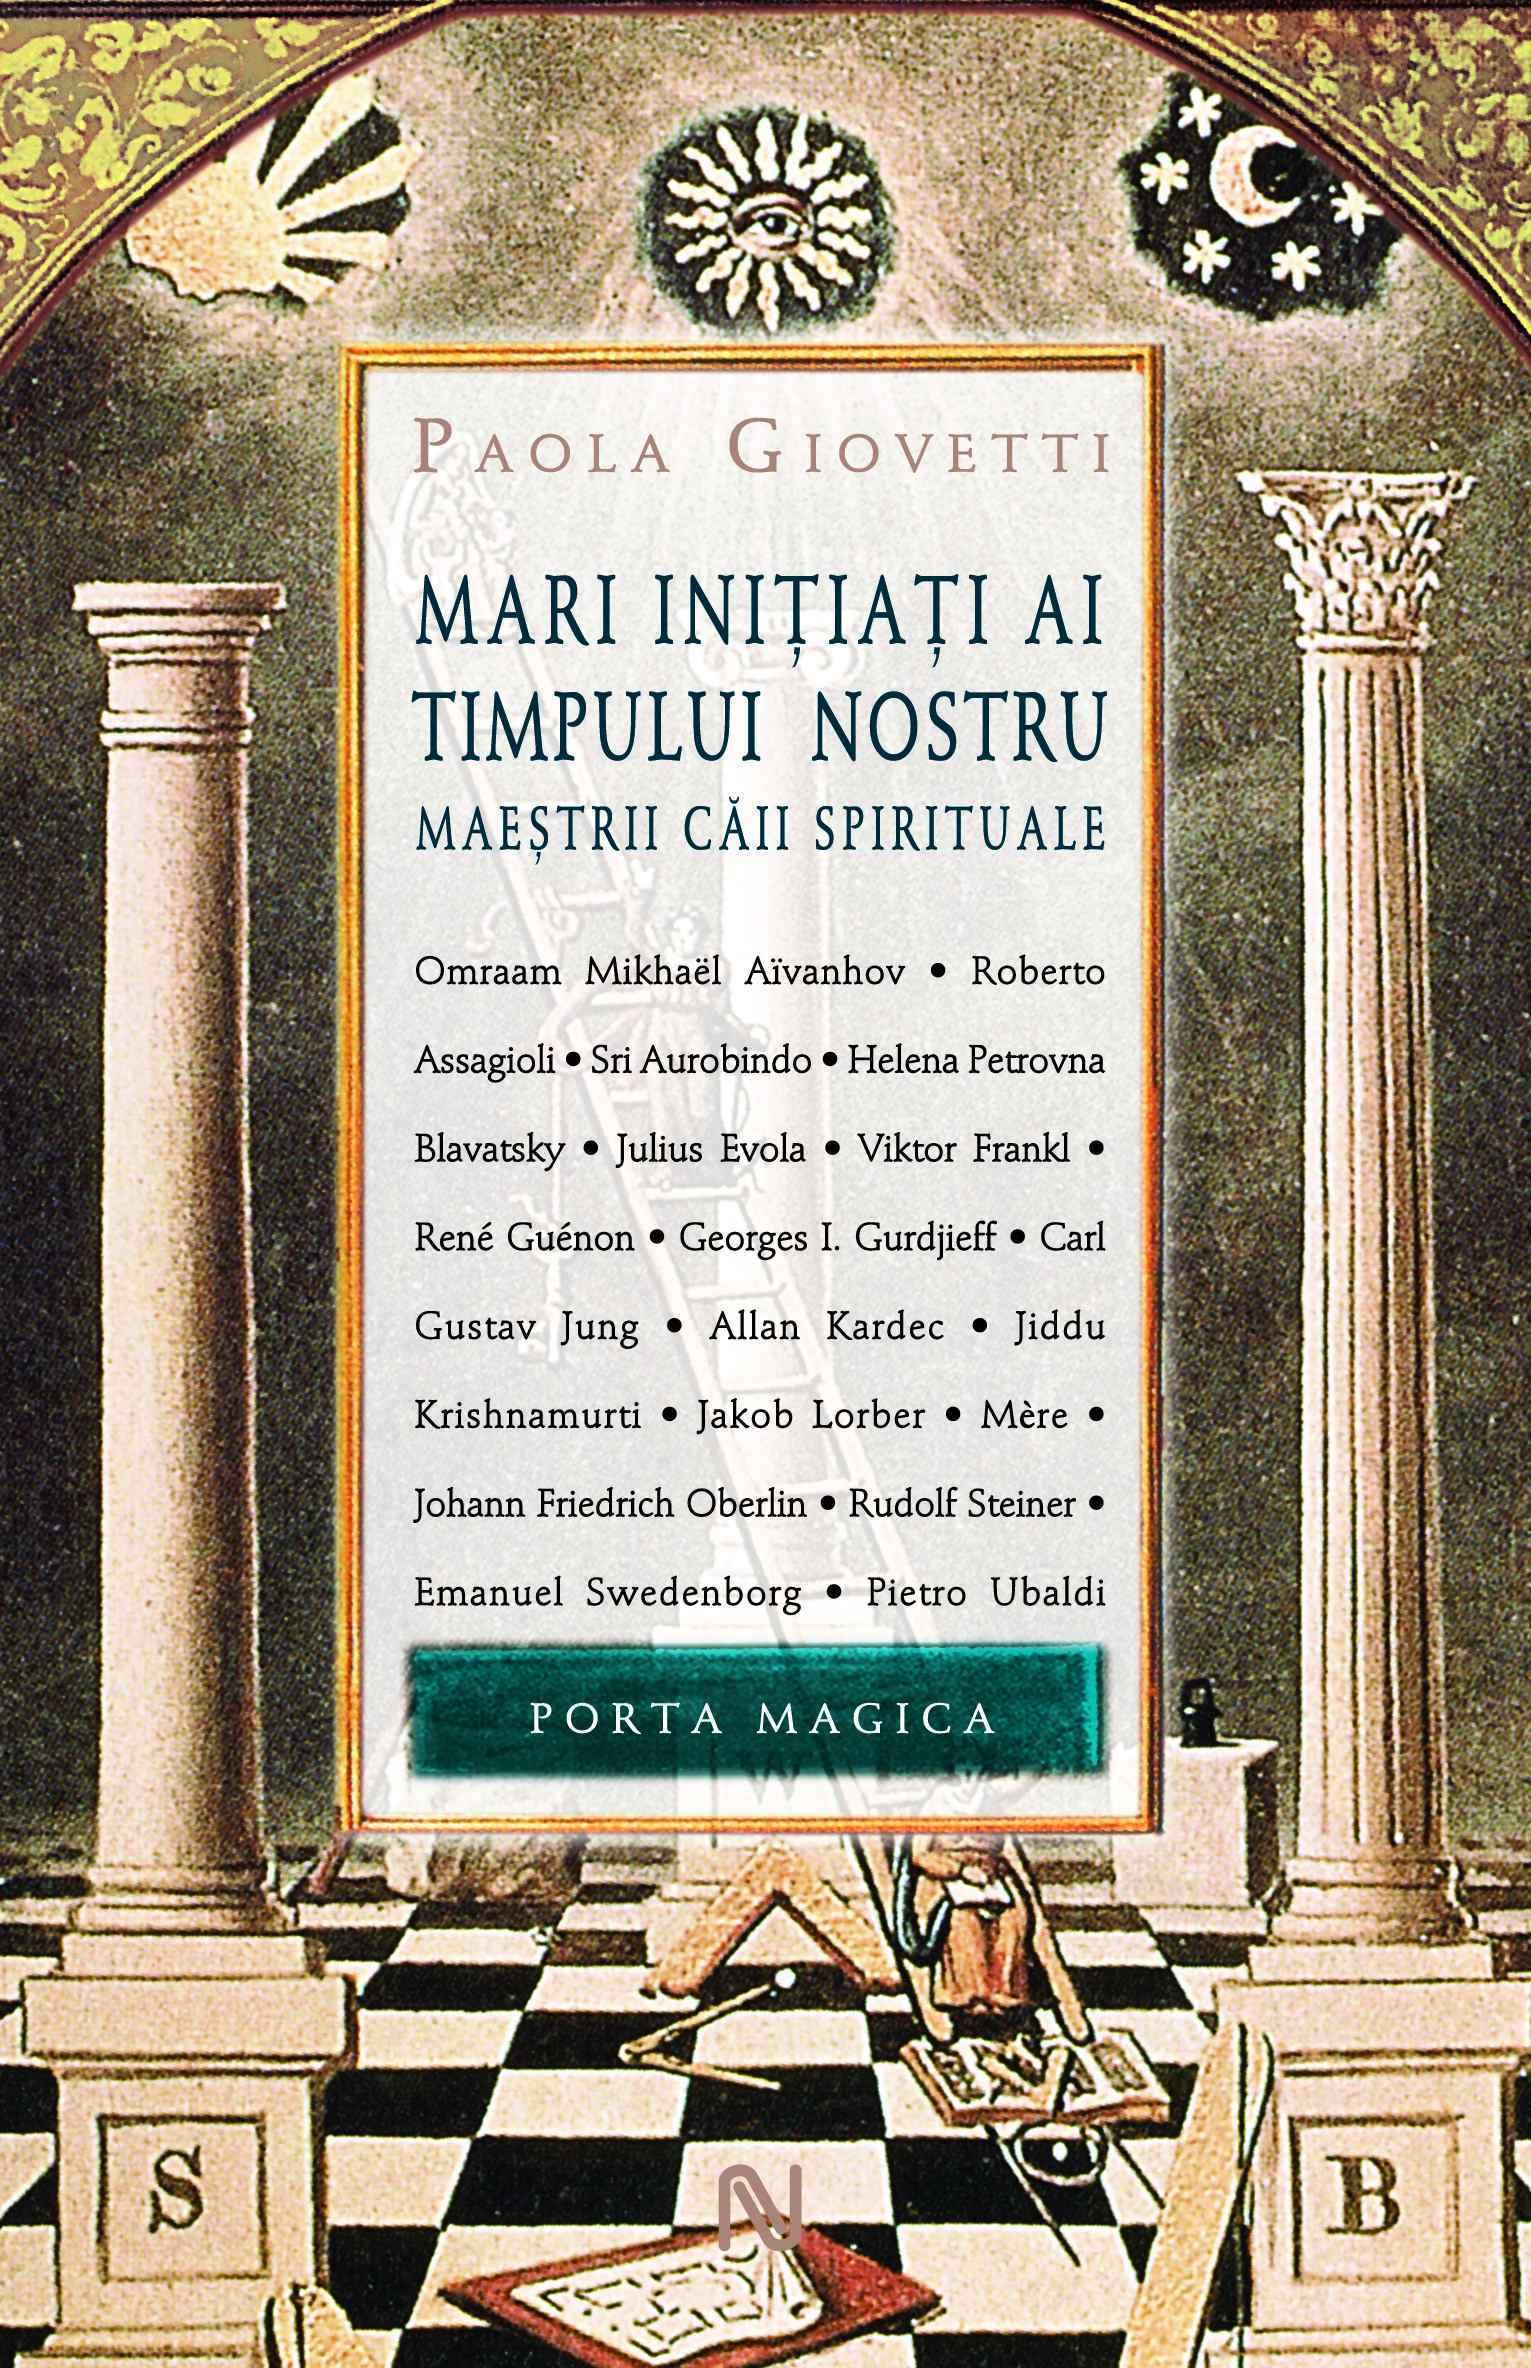 paola-giovetti_mari-initiati-ai-timpului-nostru2